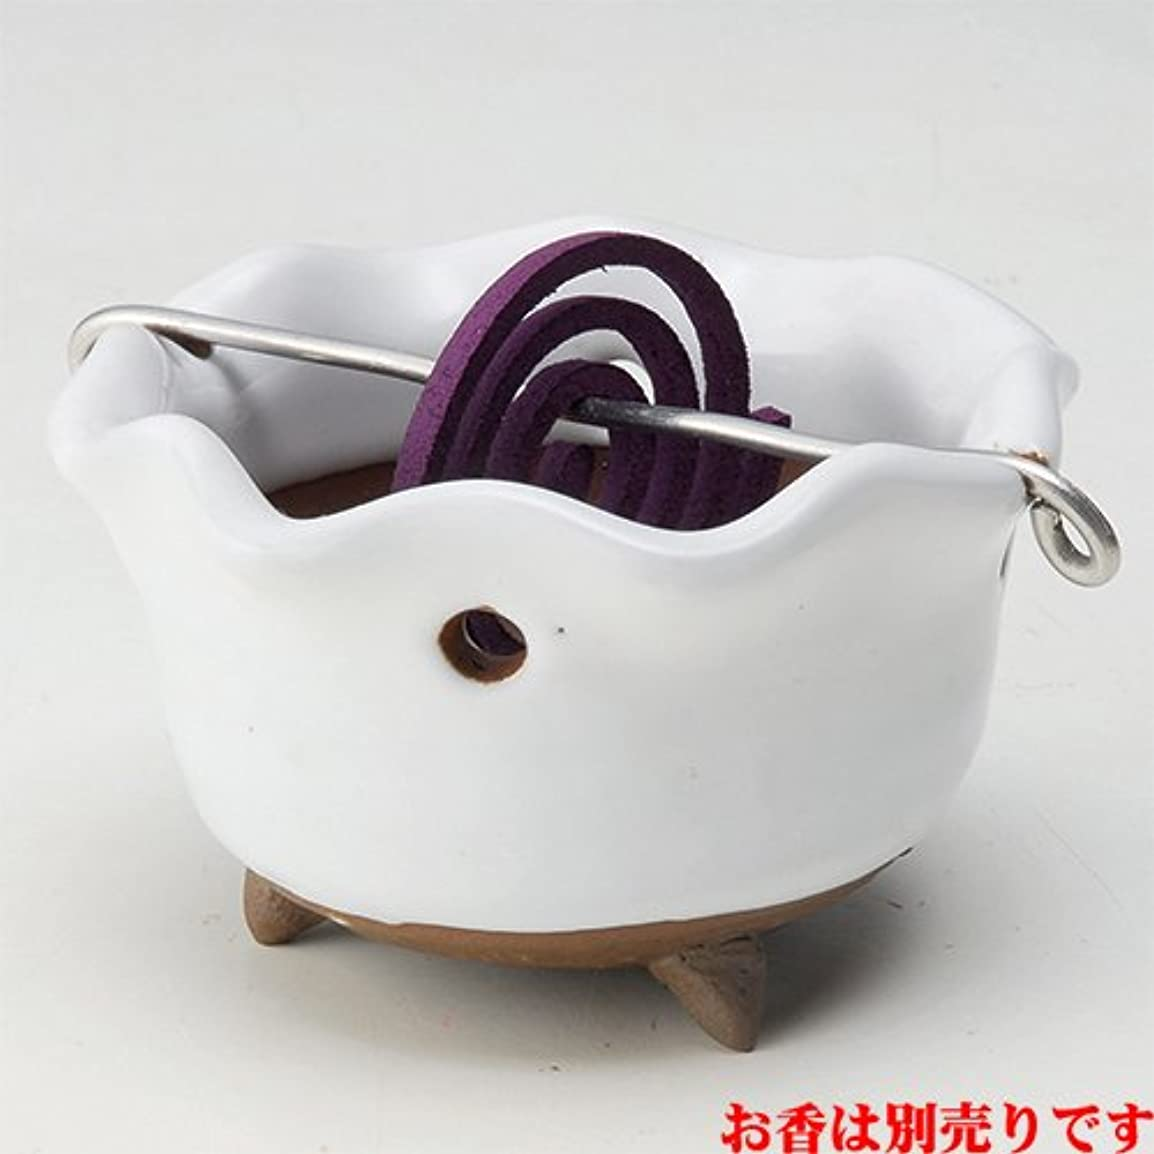 哀れな害先史時代の香皿 白志野 花型 香鉢 [R8.5xH5.3cm] HANDMADE プレゼント ギフト 和食器 かわいい インテリア